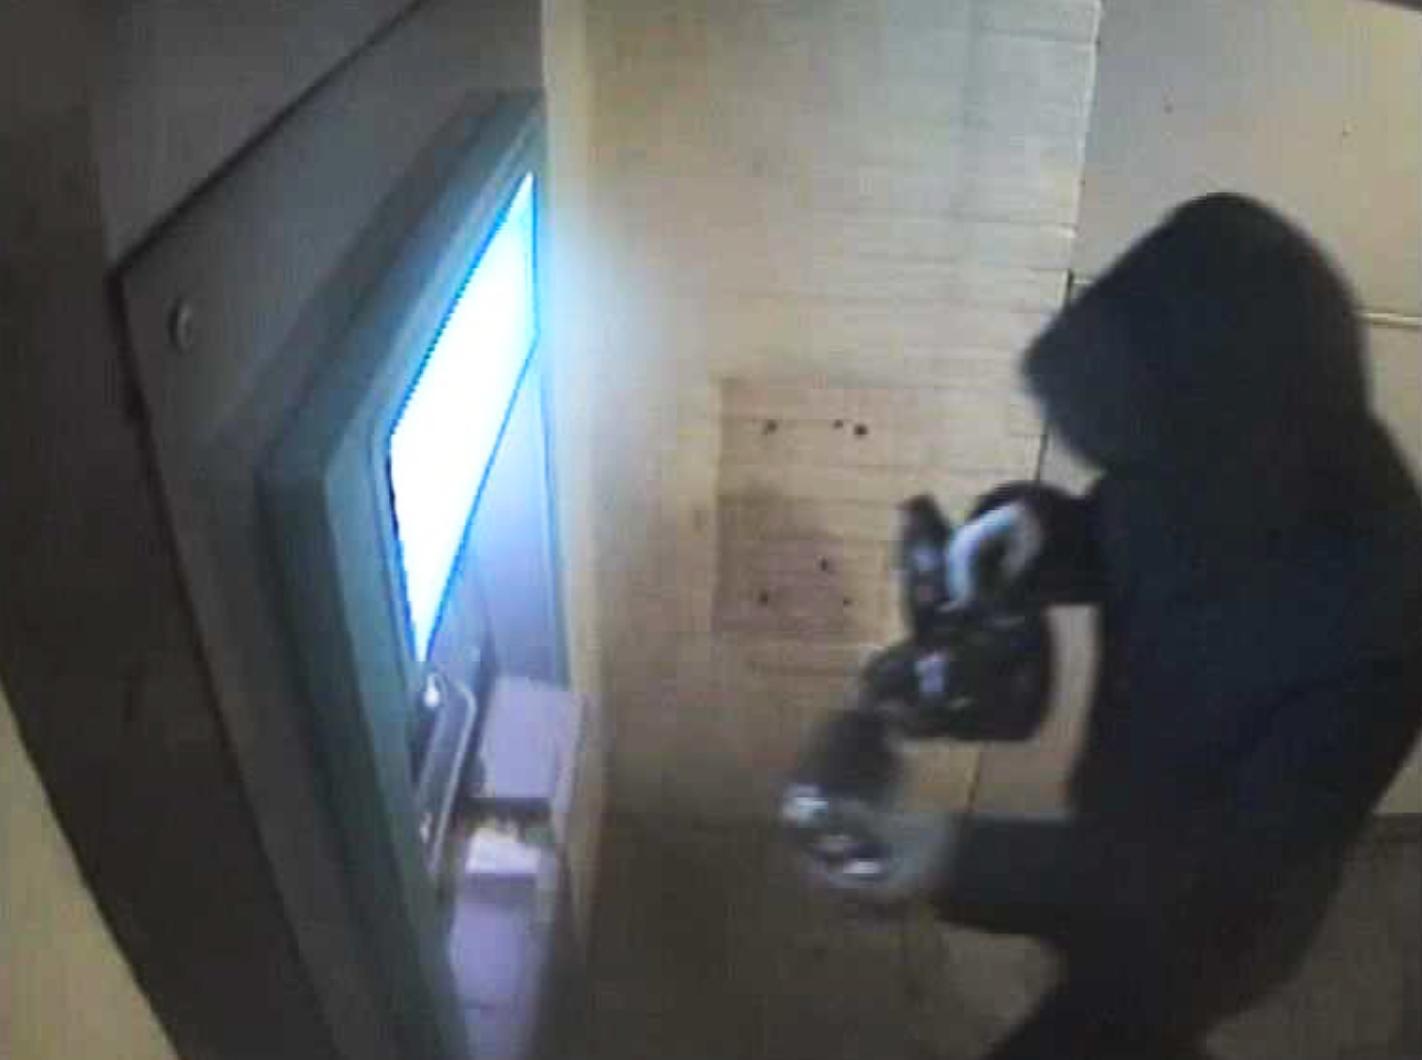 En övervakningskamera fångade gärningsmannen när han gick fram till bankomaten på Sjöbo torg. Klockan var då 01.42.